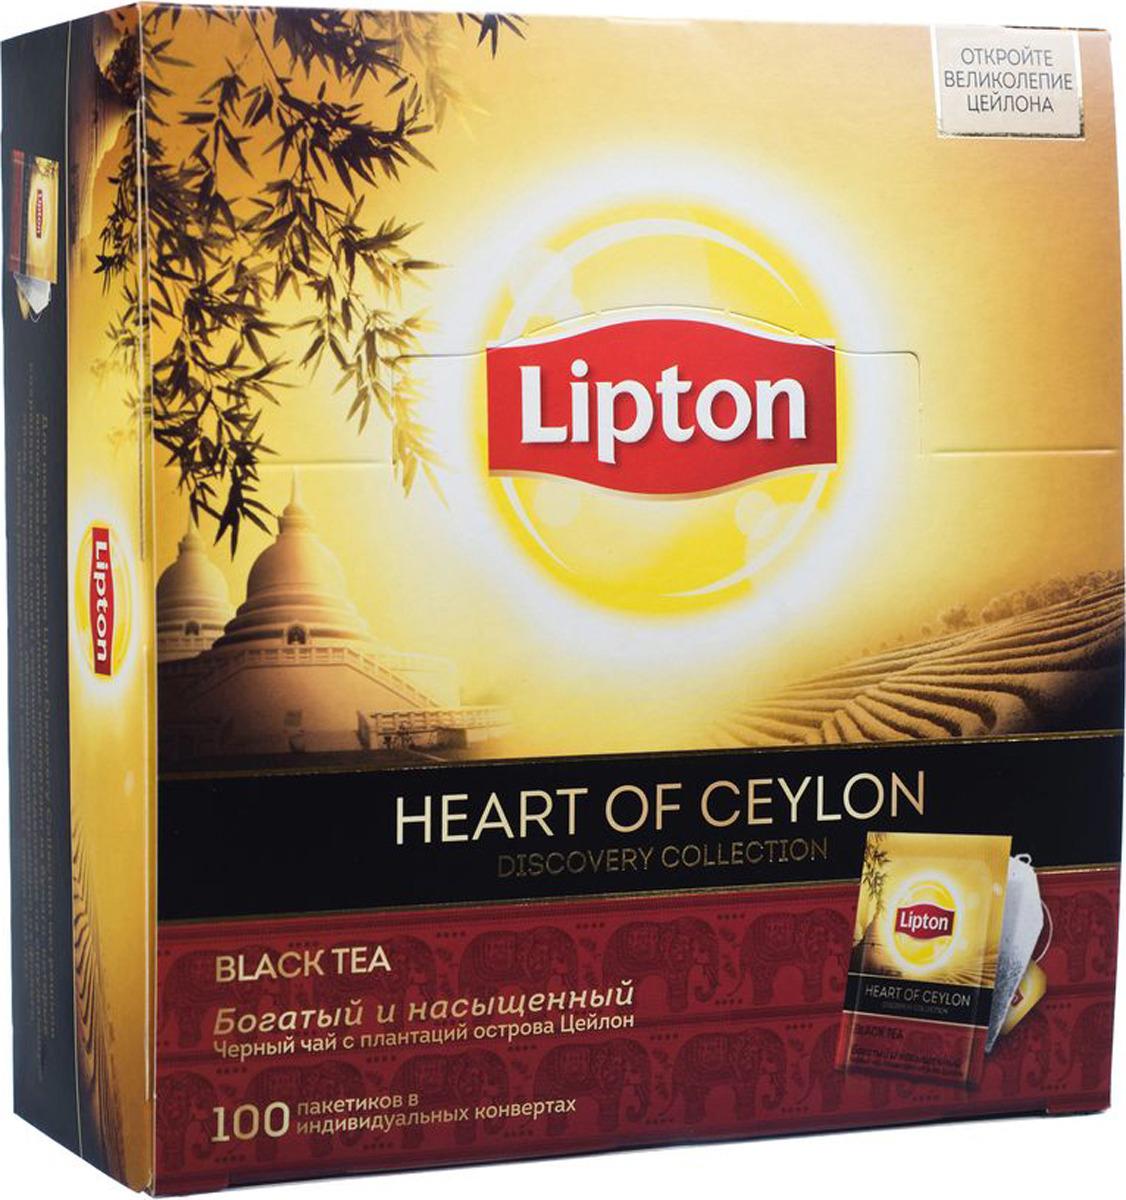 Lipton Черный чай Heart of ceylon 100 шт lipton черный чай heart of ceylon 100 шт